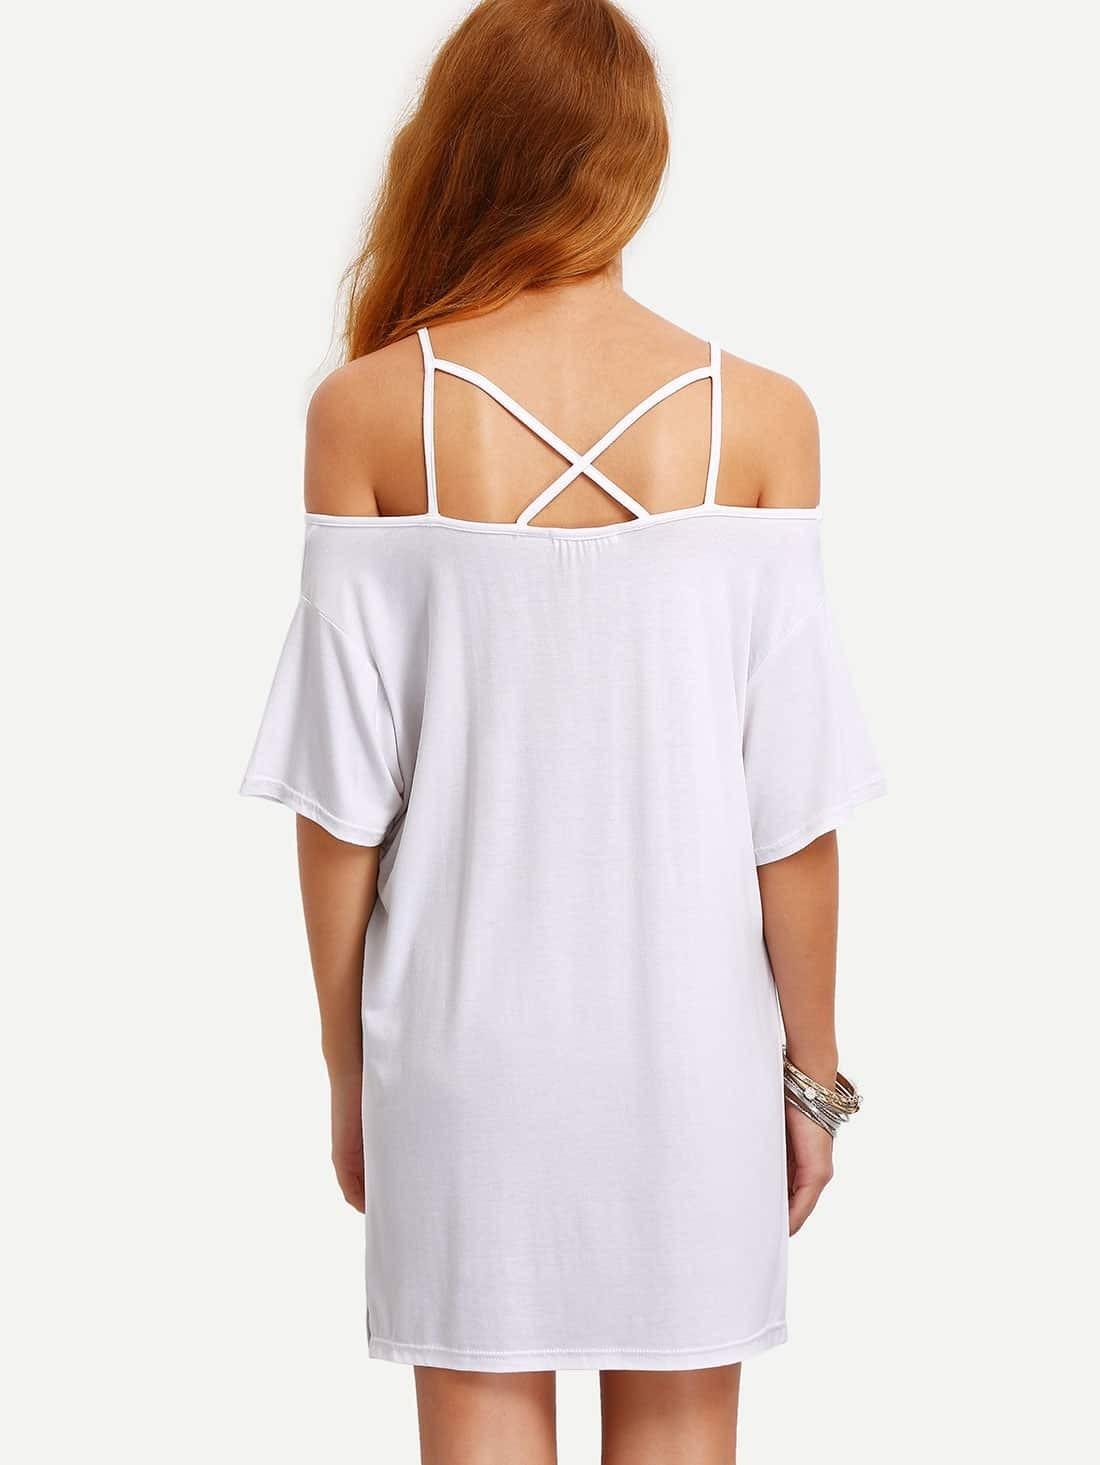 Kleid schulterfrei mit Spaghettiträger lässig -weiß | SHEIN